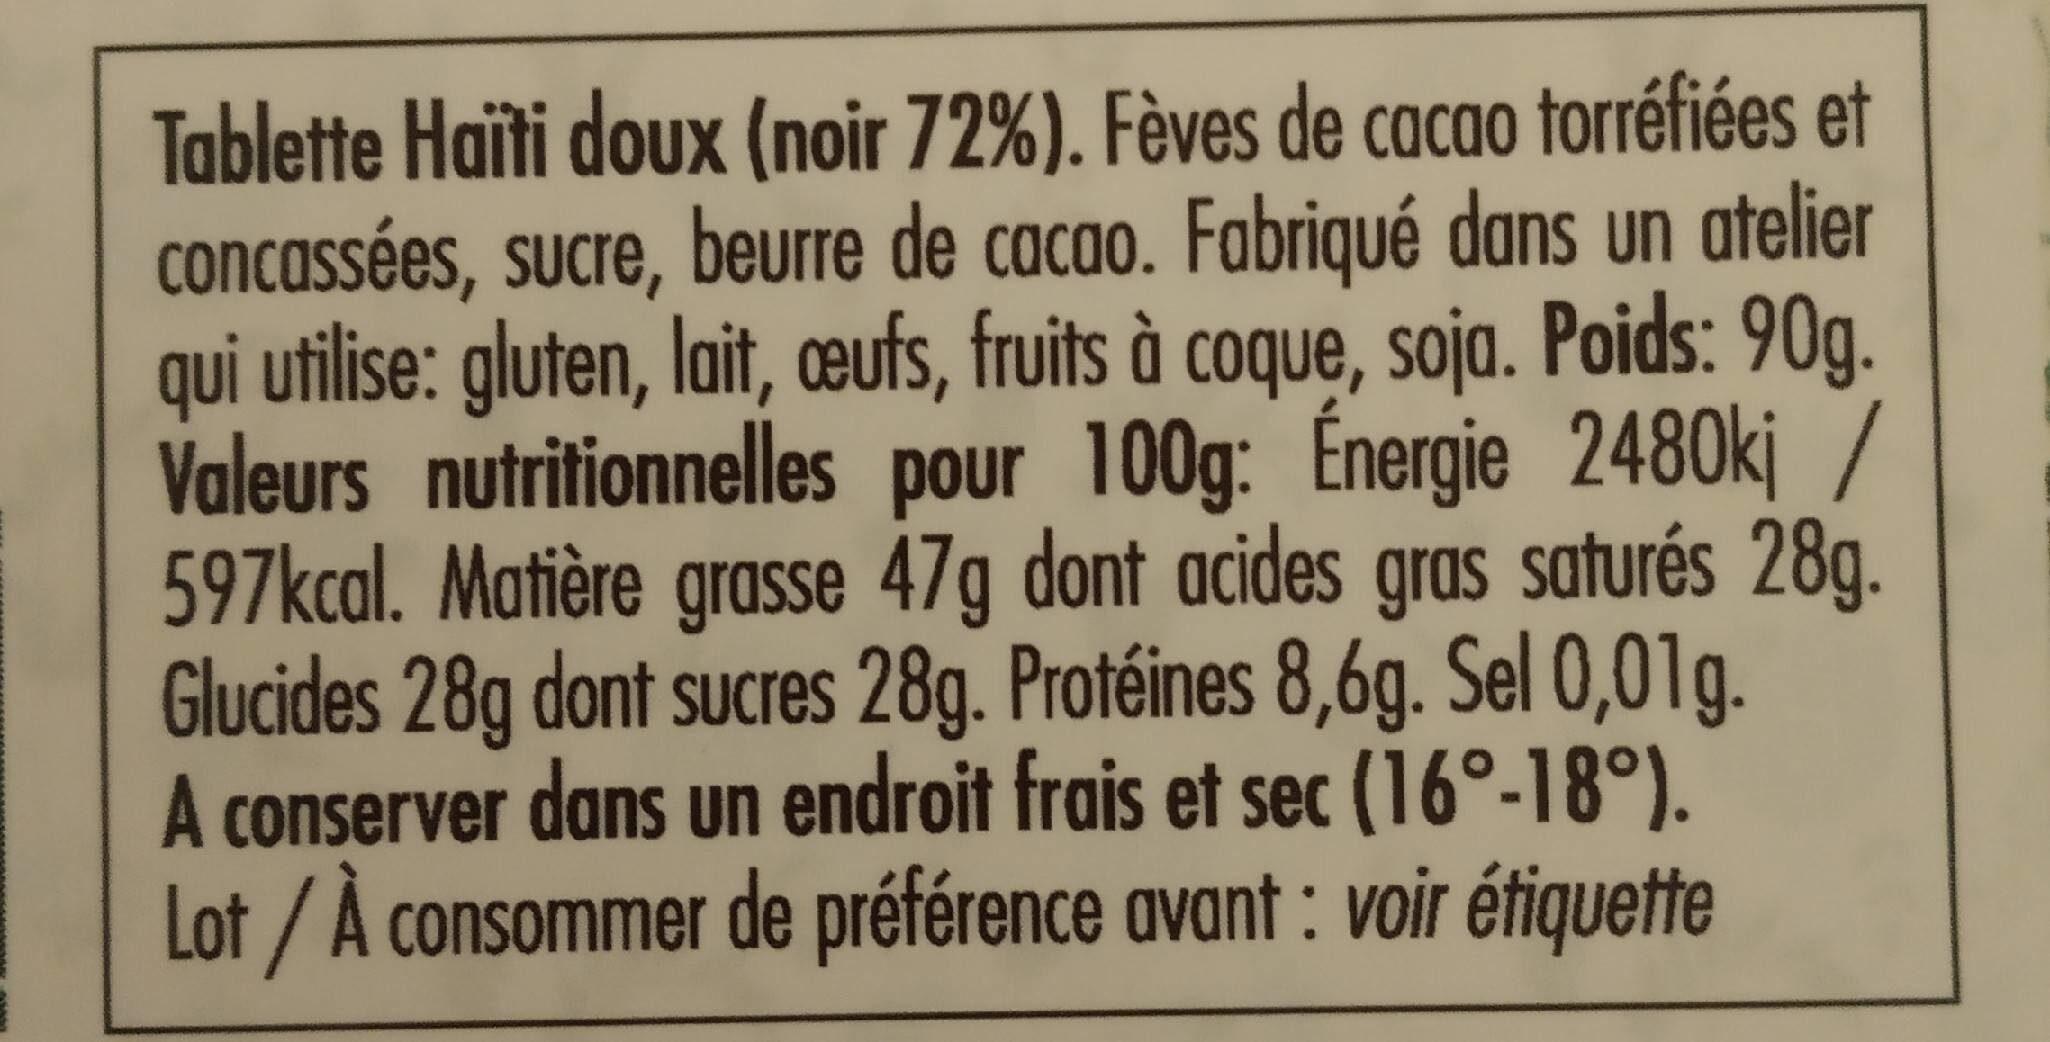 Chocolat Haïti Doux noir 72% - Nutrition facts - fr